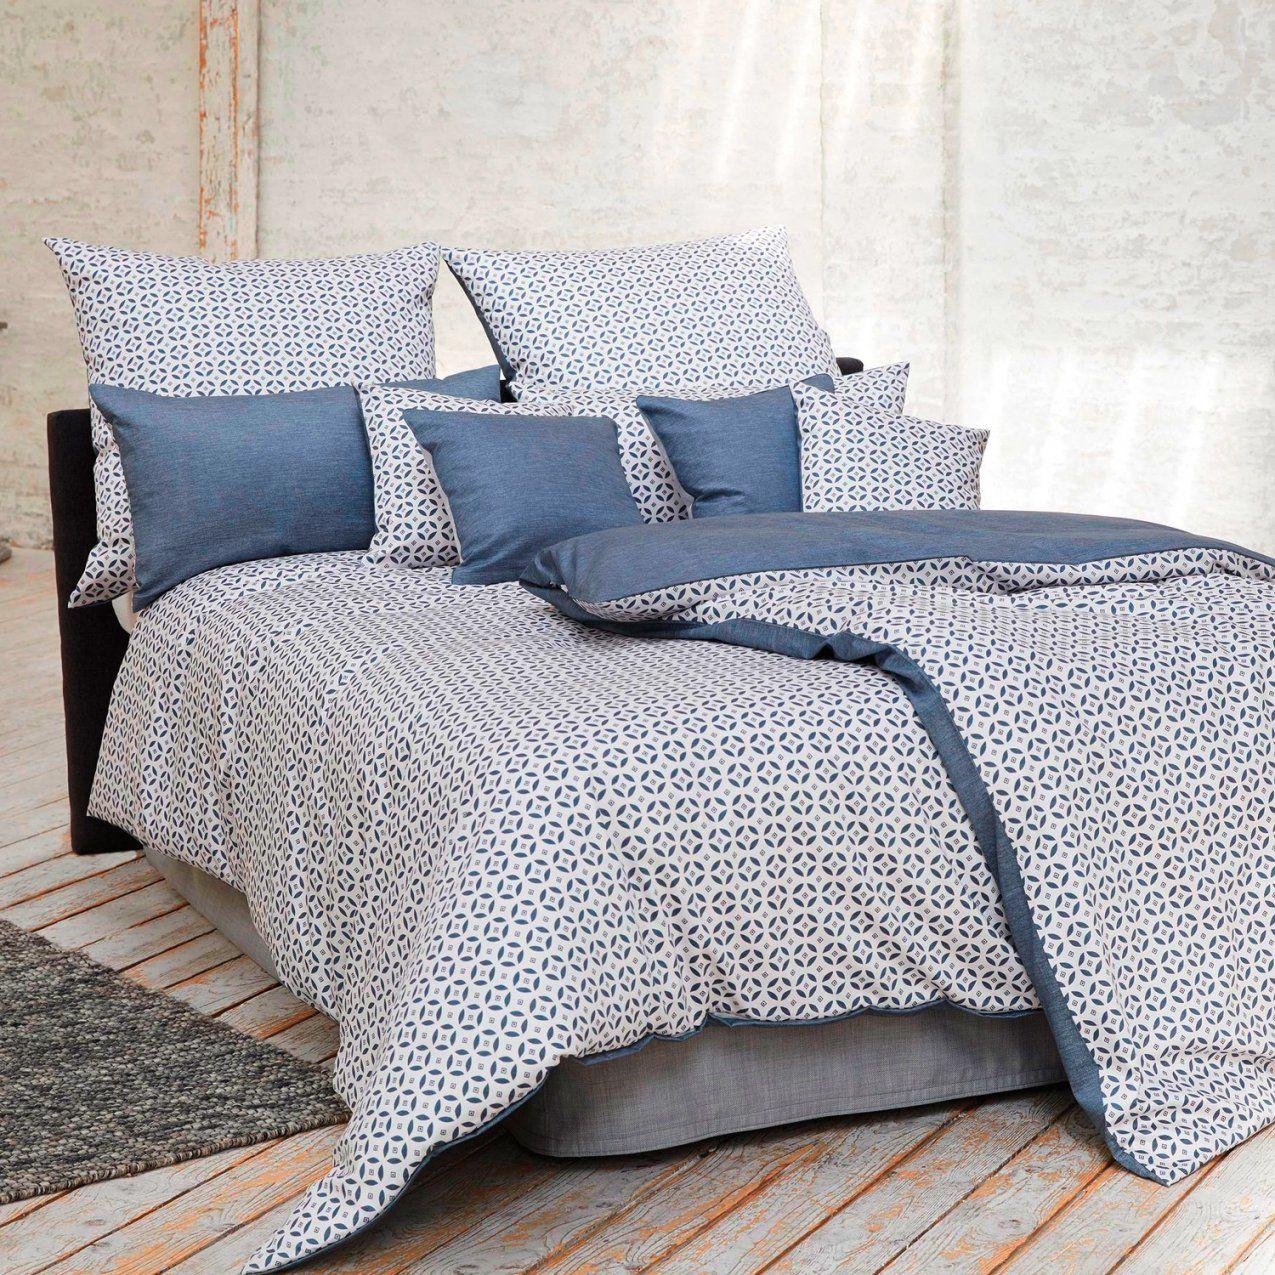 Elegante Bed Linen Fashion Bettwäsche Gut Erwin Müller Bettwäsche von Erwin Müller Bettwäsche Photo